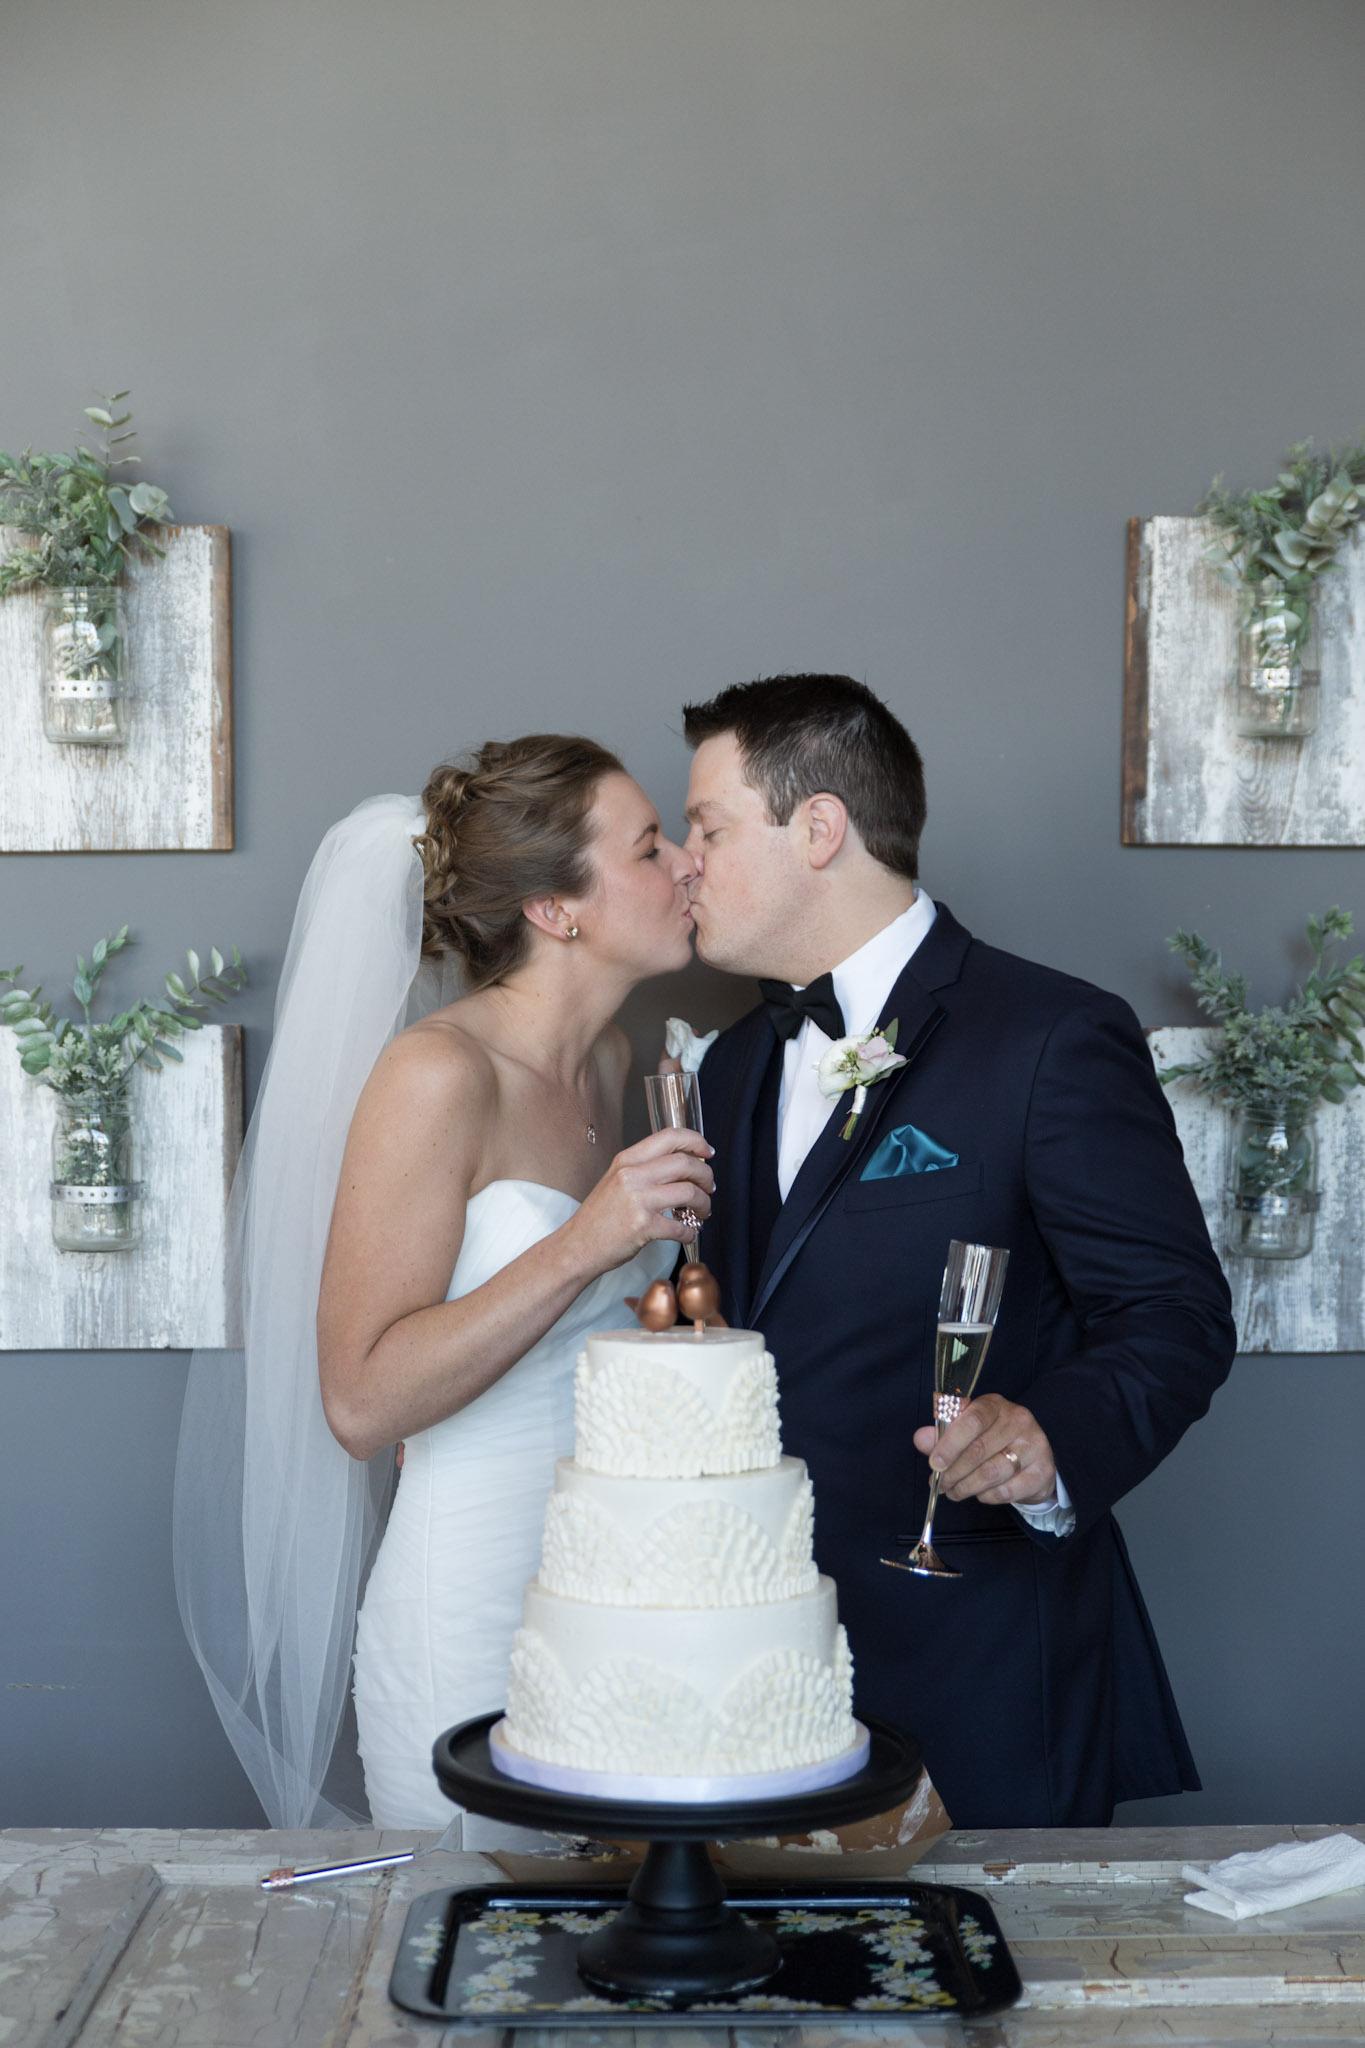 Kansas_City_Small_Intimate_Budget_Wedding_Venue_TVX_C&M_2.27_435.jpg